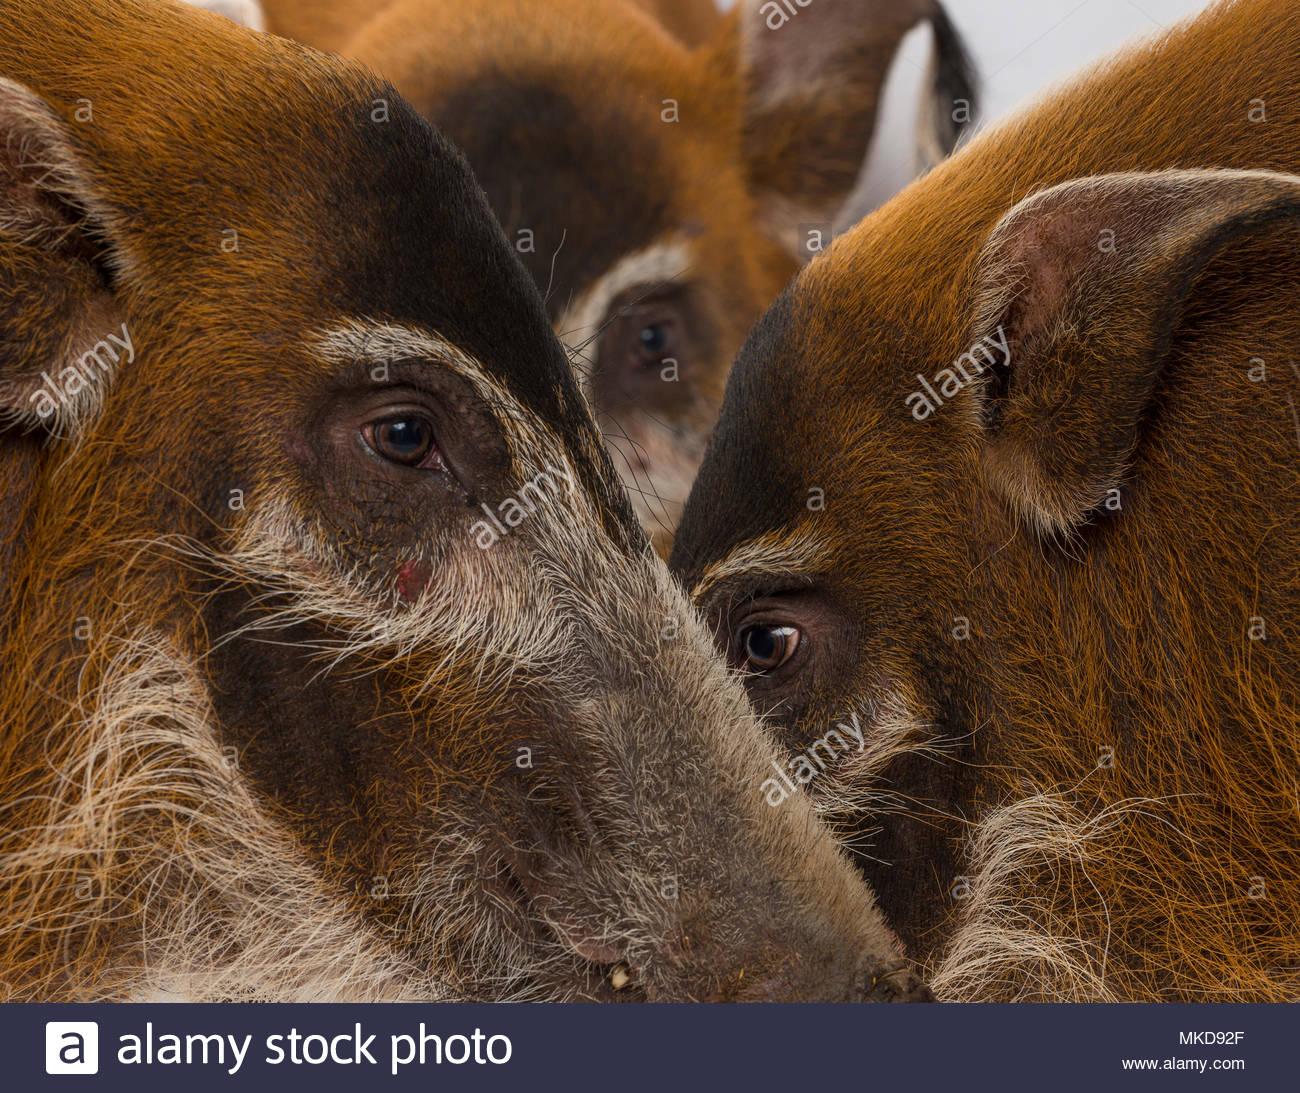 Bush pig, (Potamochoerus porcus), Mulhouse Zoological and Botanical Park, France - Stock Image